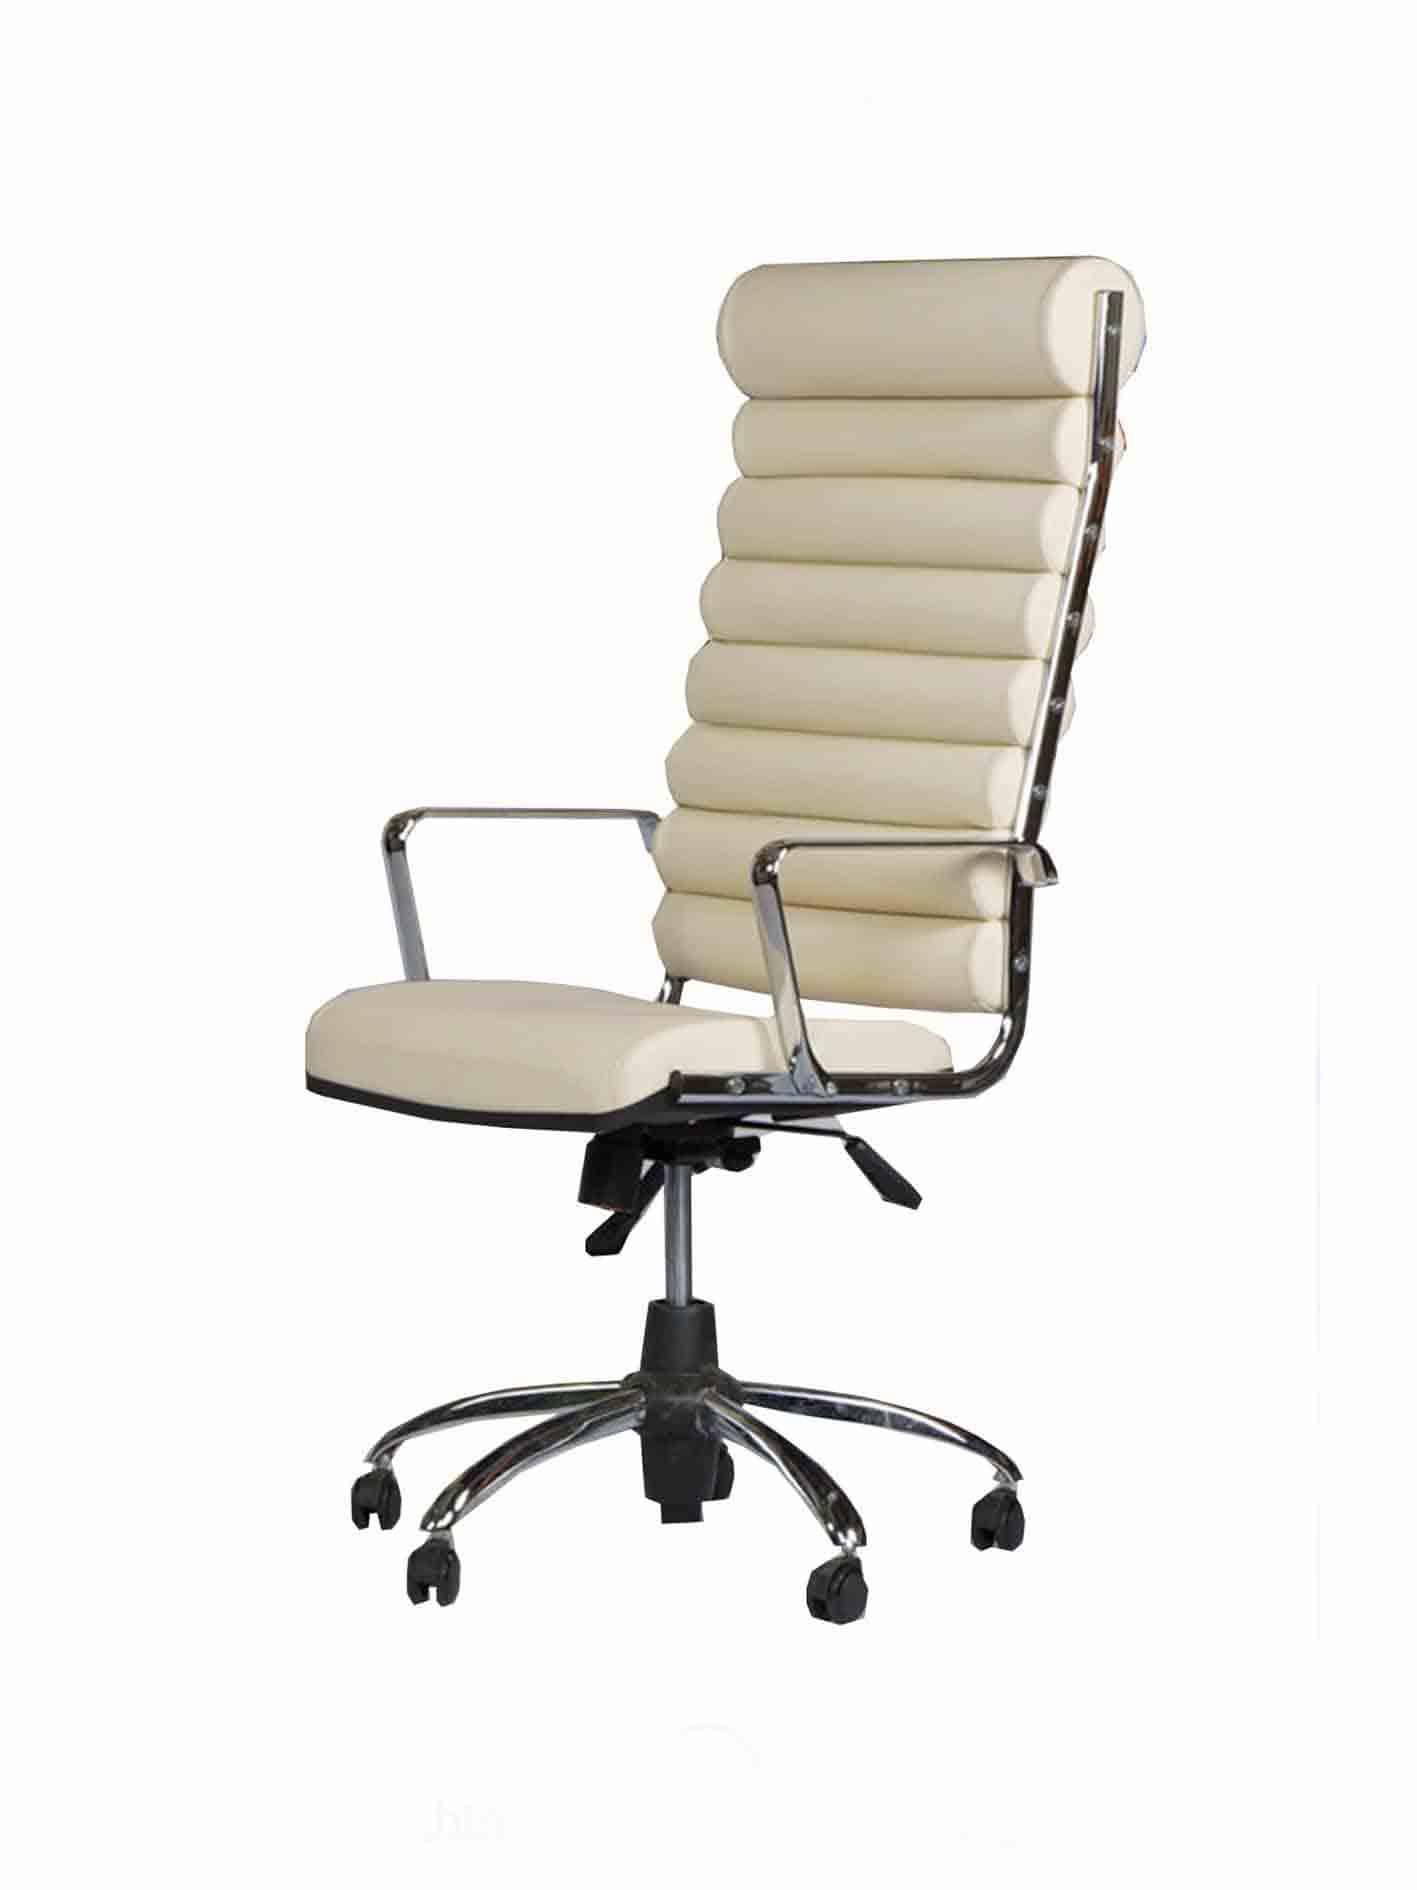 صندلی اداری ارگونومیک مناسب